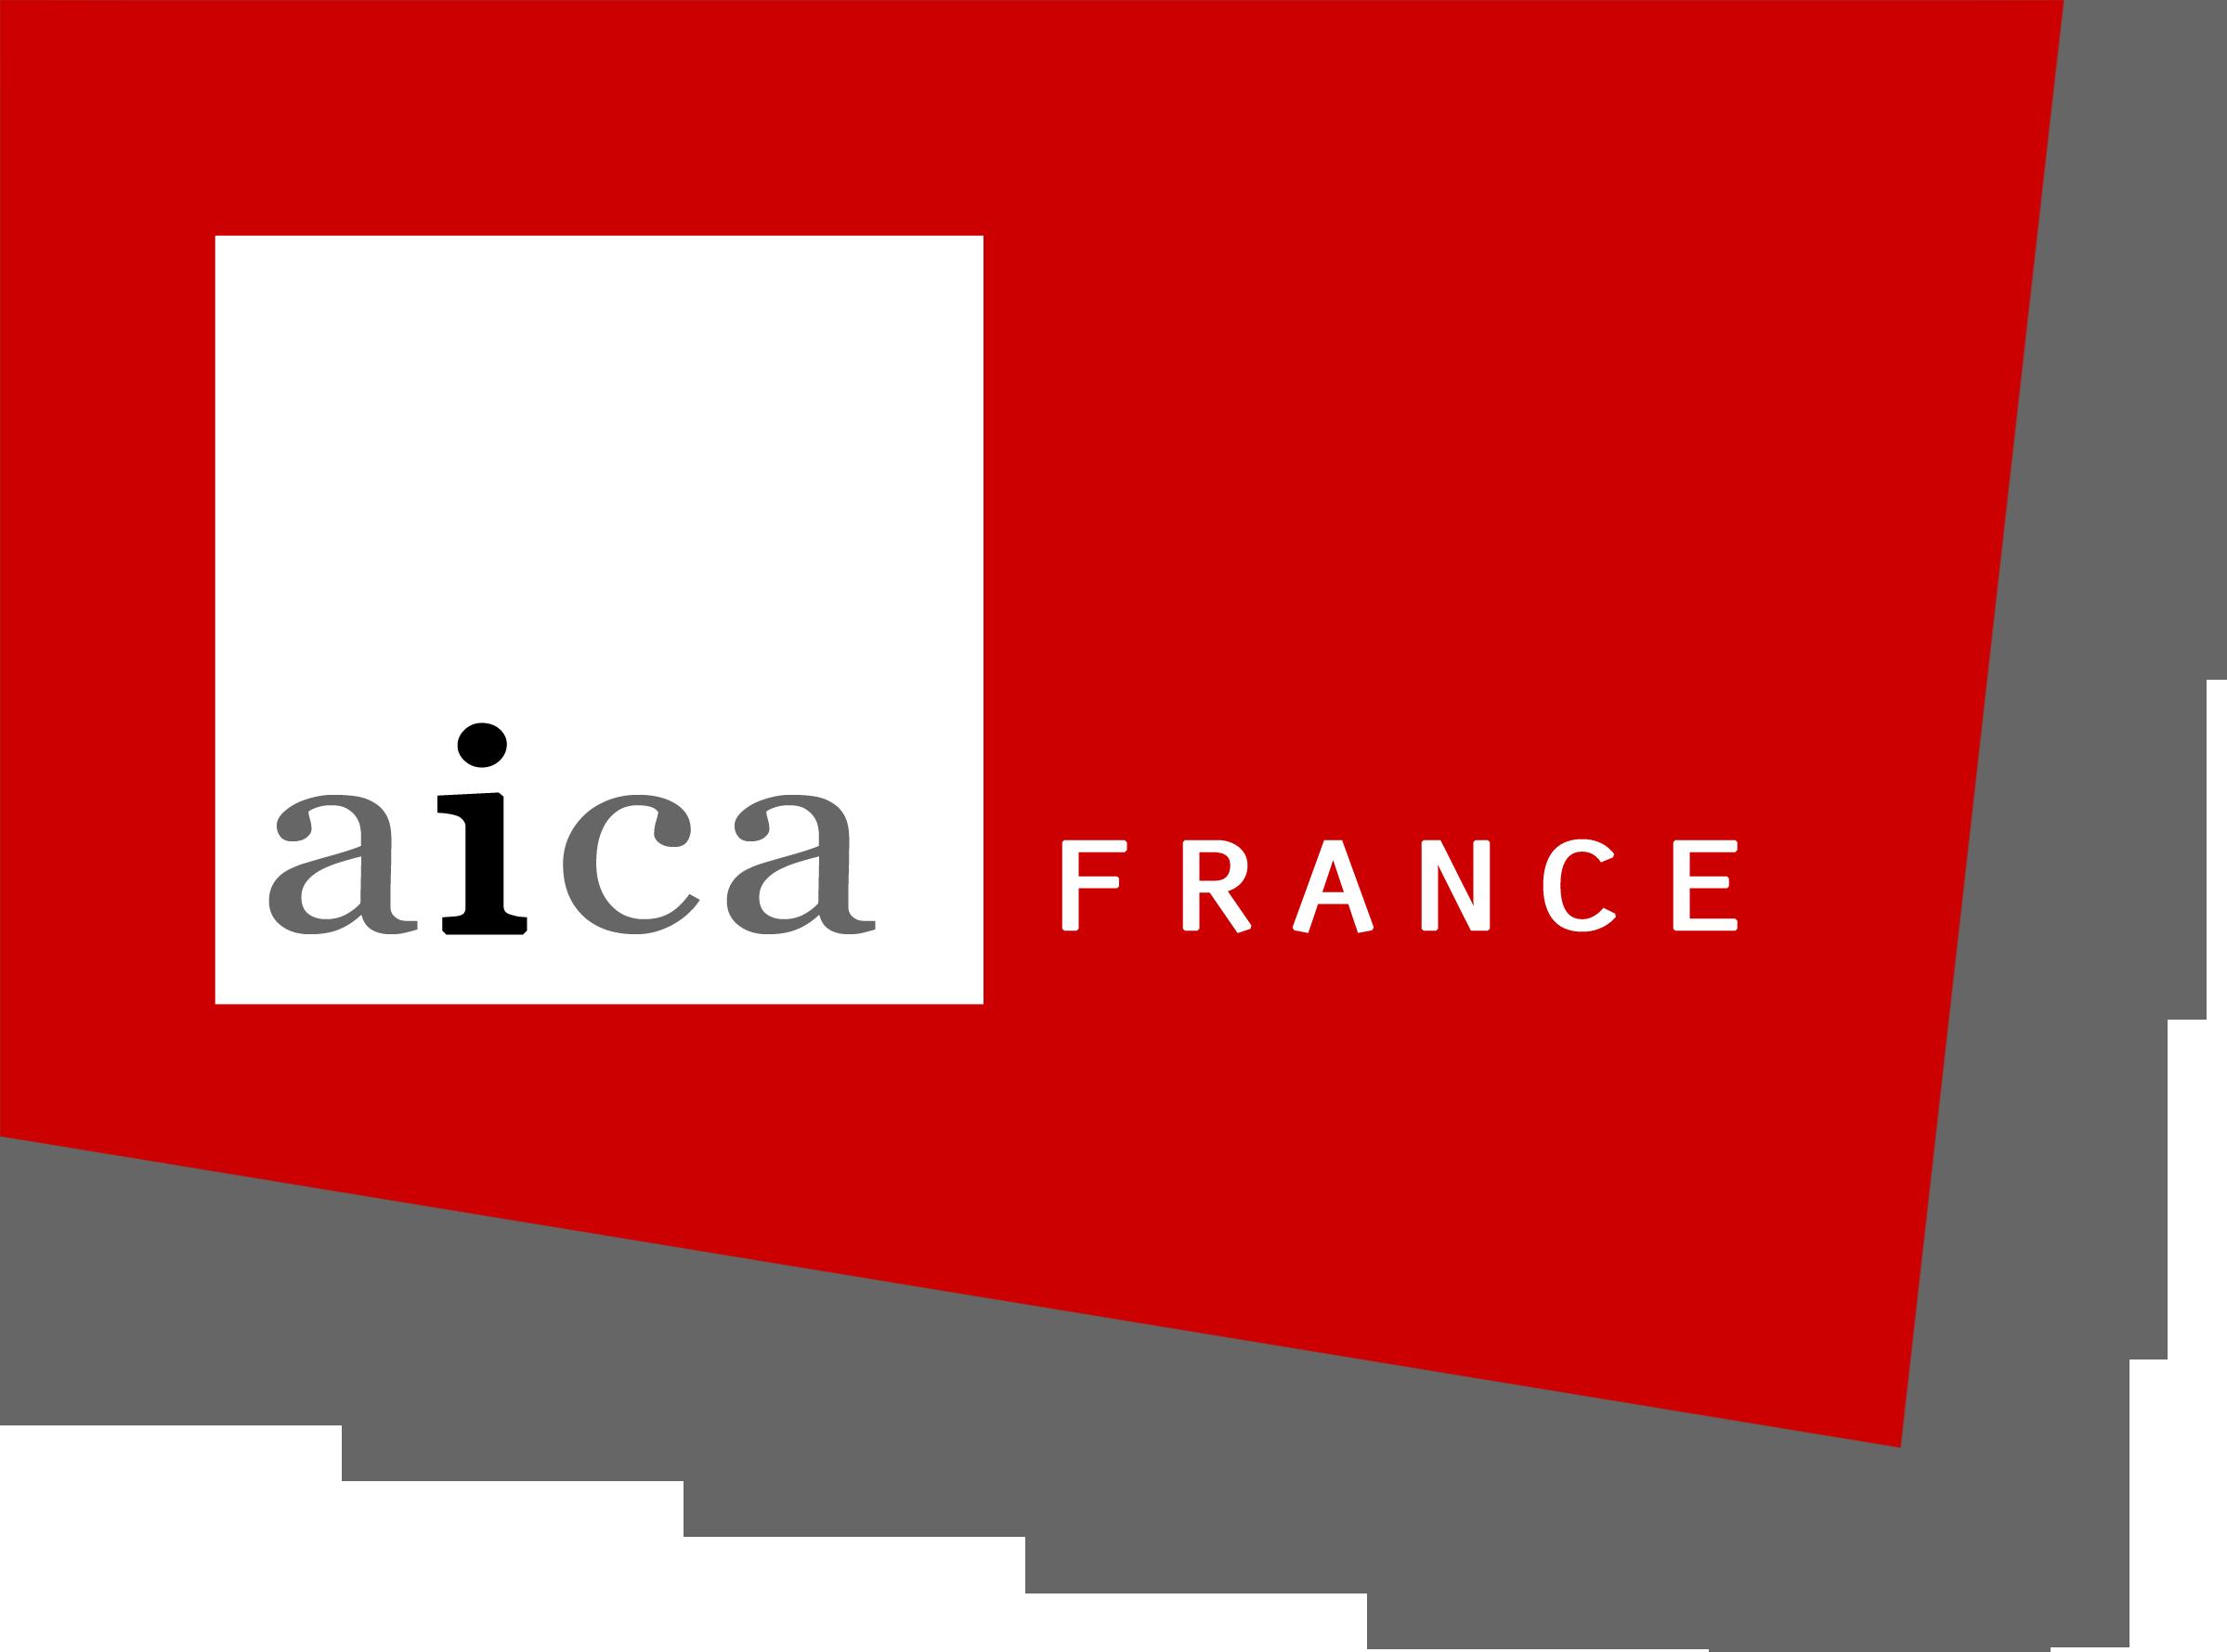 AICA France